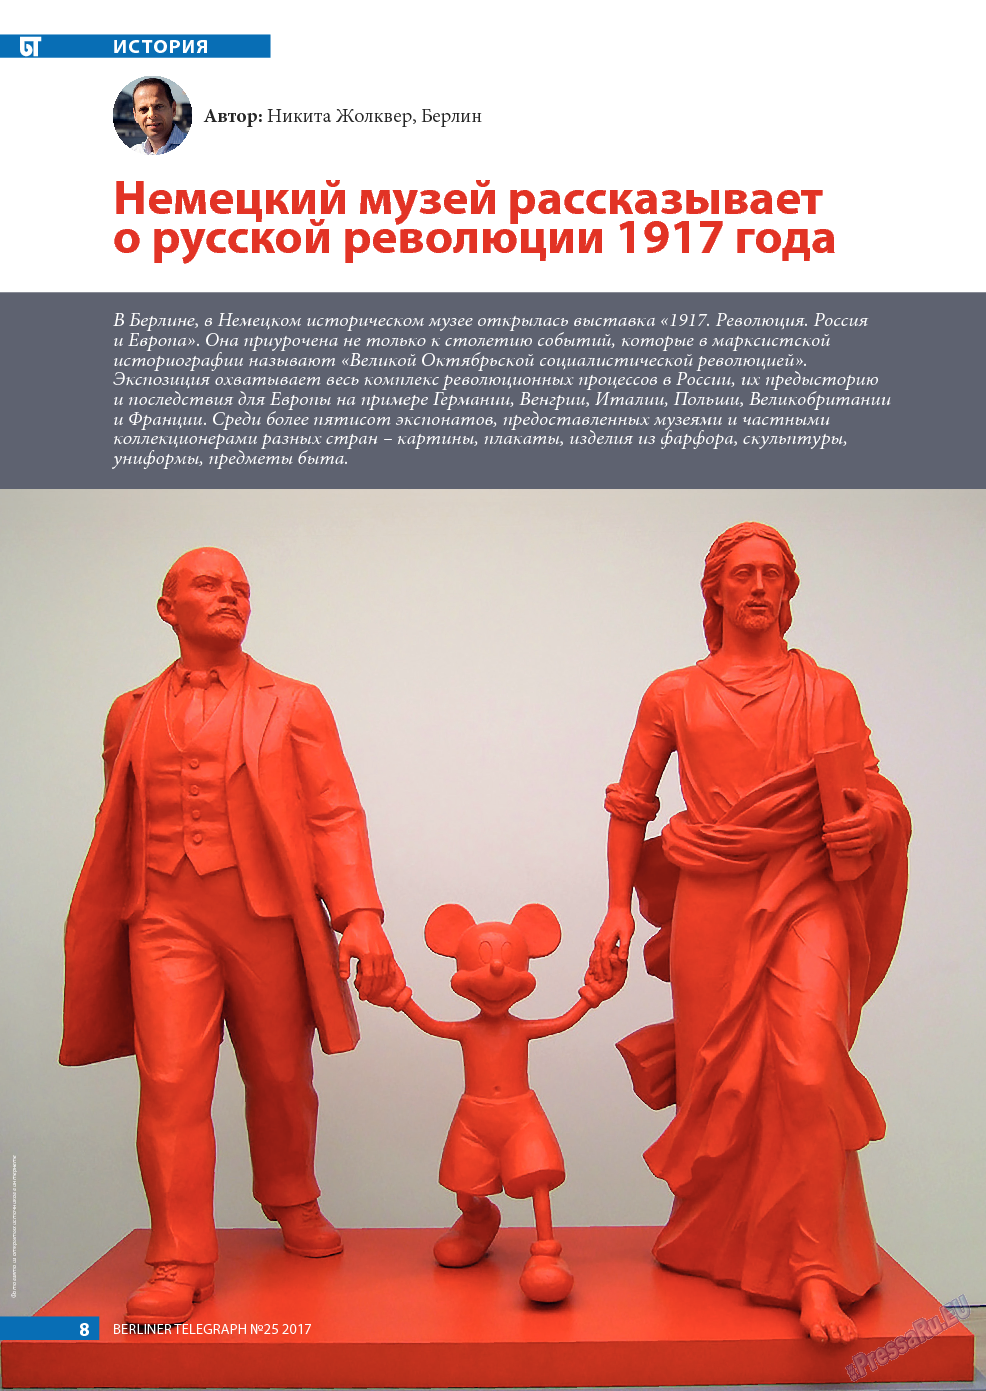 Берлинский телеграф (журнал). 2017 год, номер 25, стр. 8